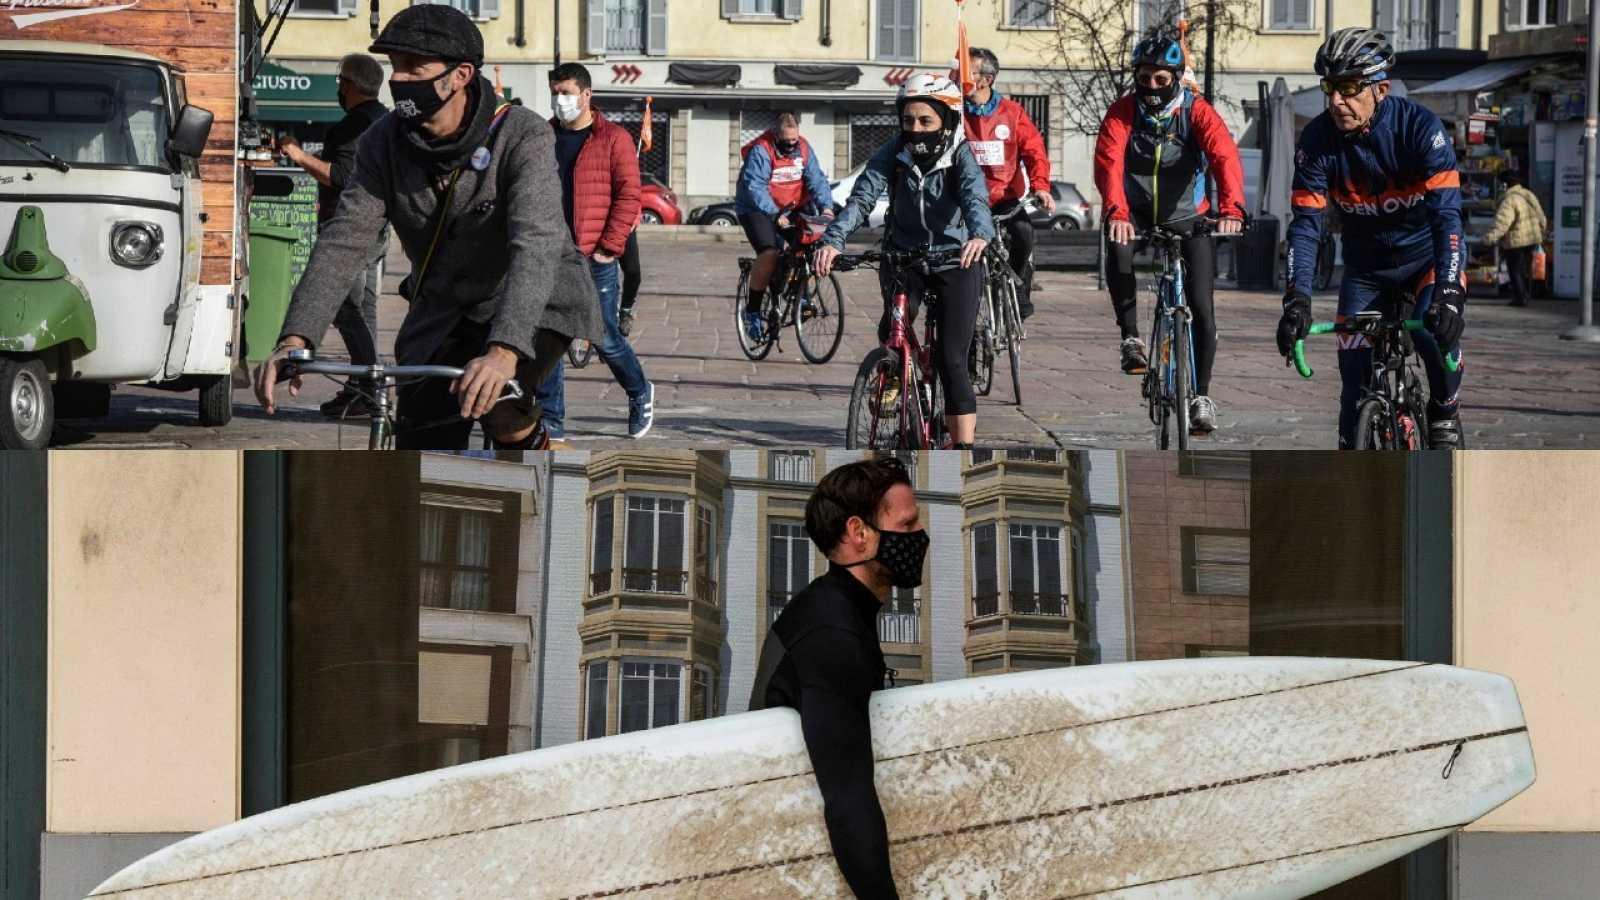 Ciclismo y surf: cuando un deporte se agranda ante el coronavirus